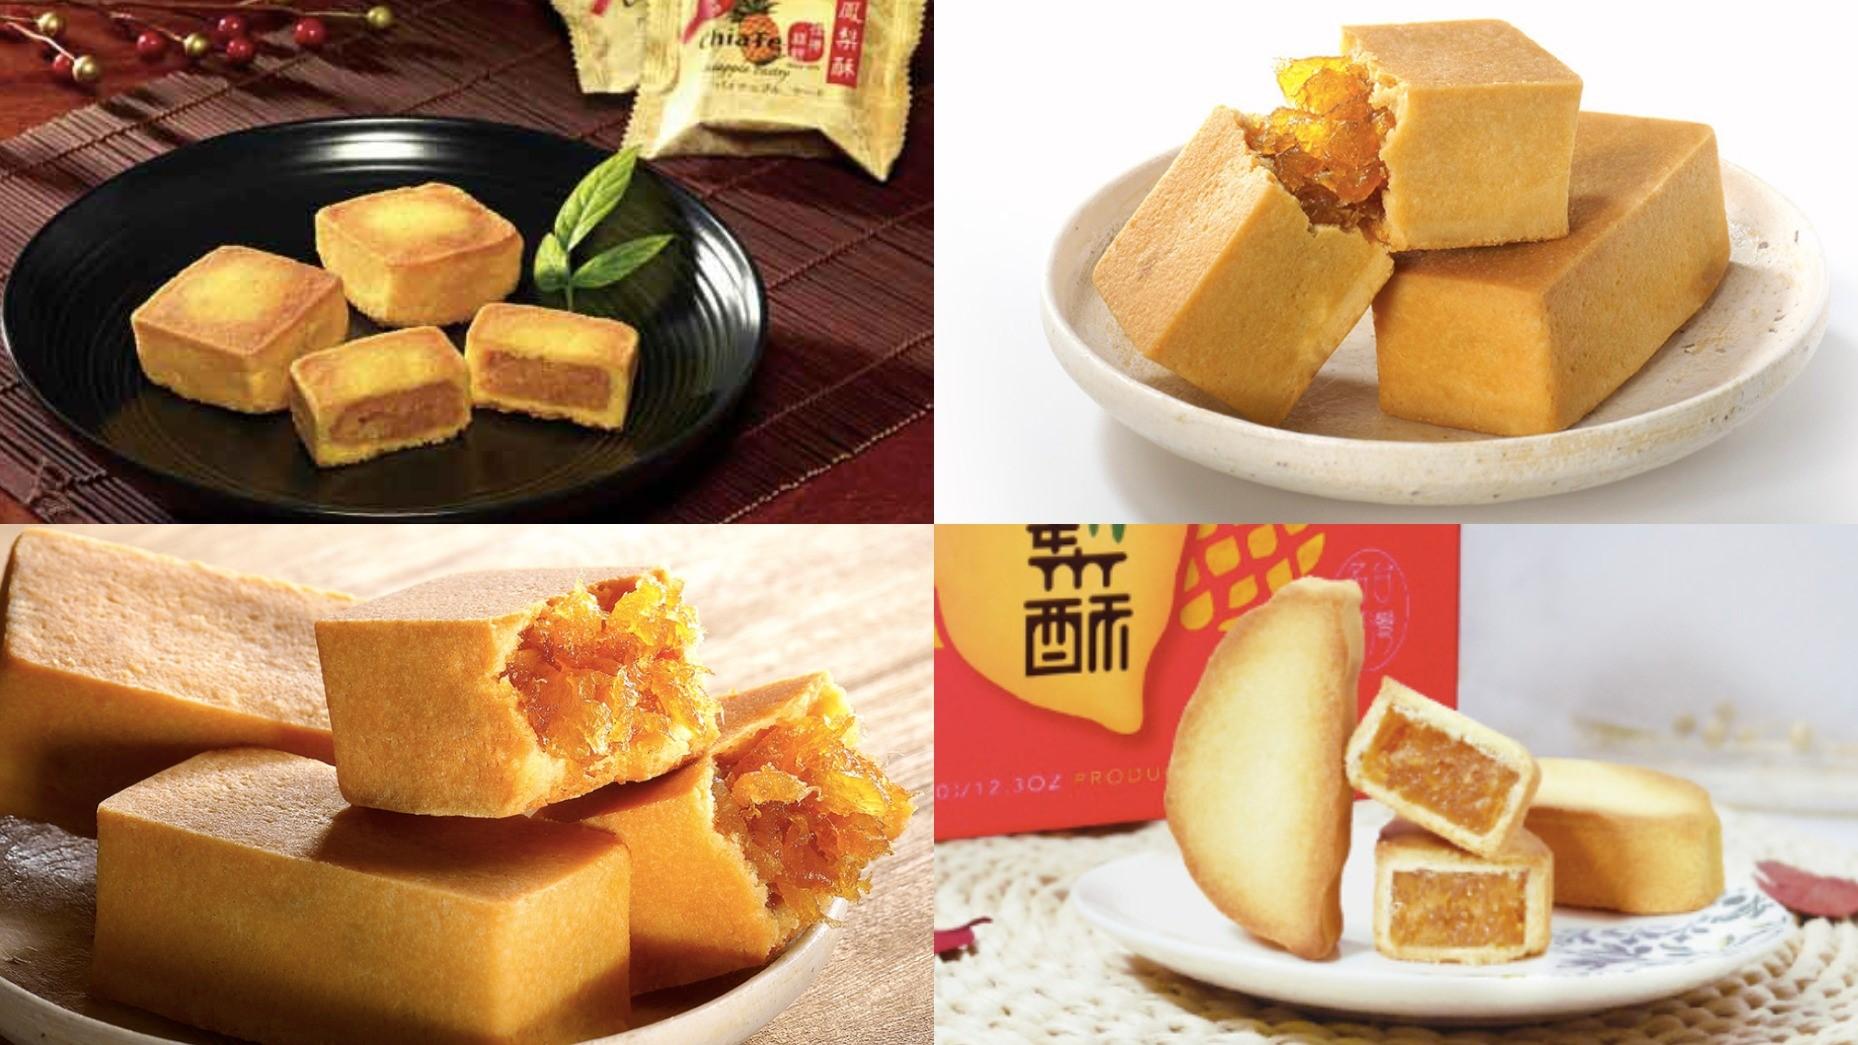 你選什麼餡?台灣人伴手禮最愛買 TOP 5 鳳梨酥名店盤點